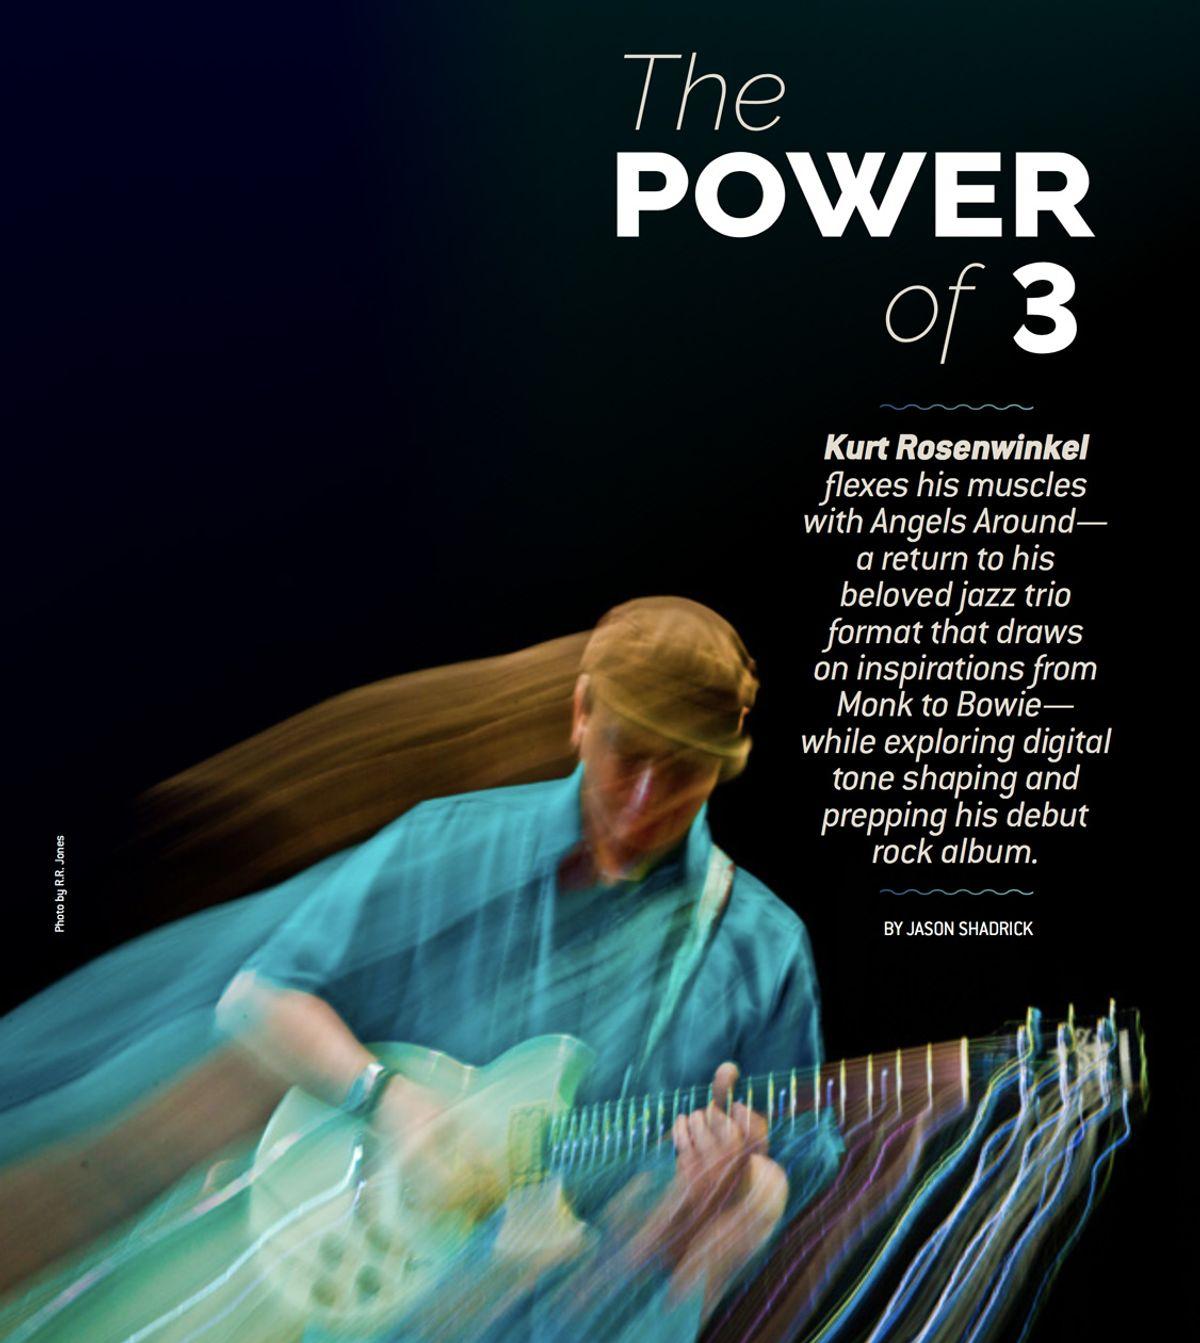 Kurt Rosenwinkel and the Power of 3